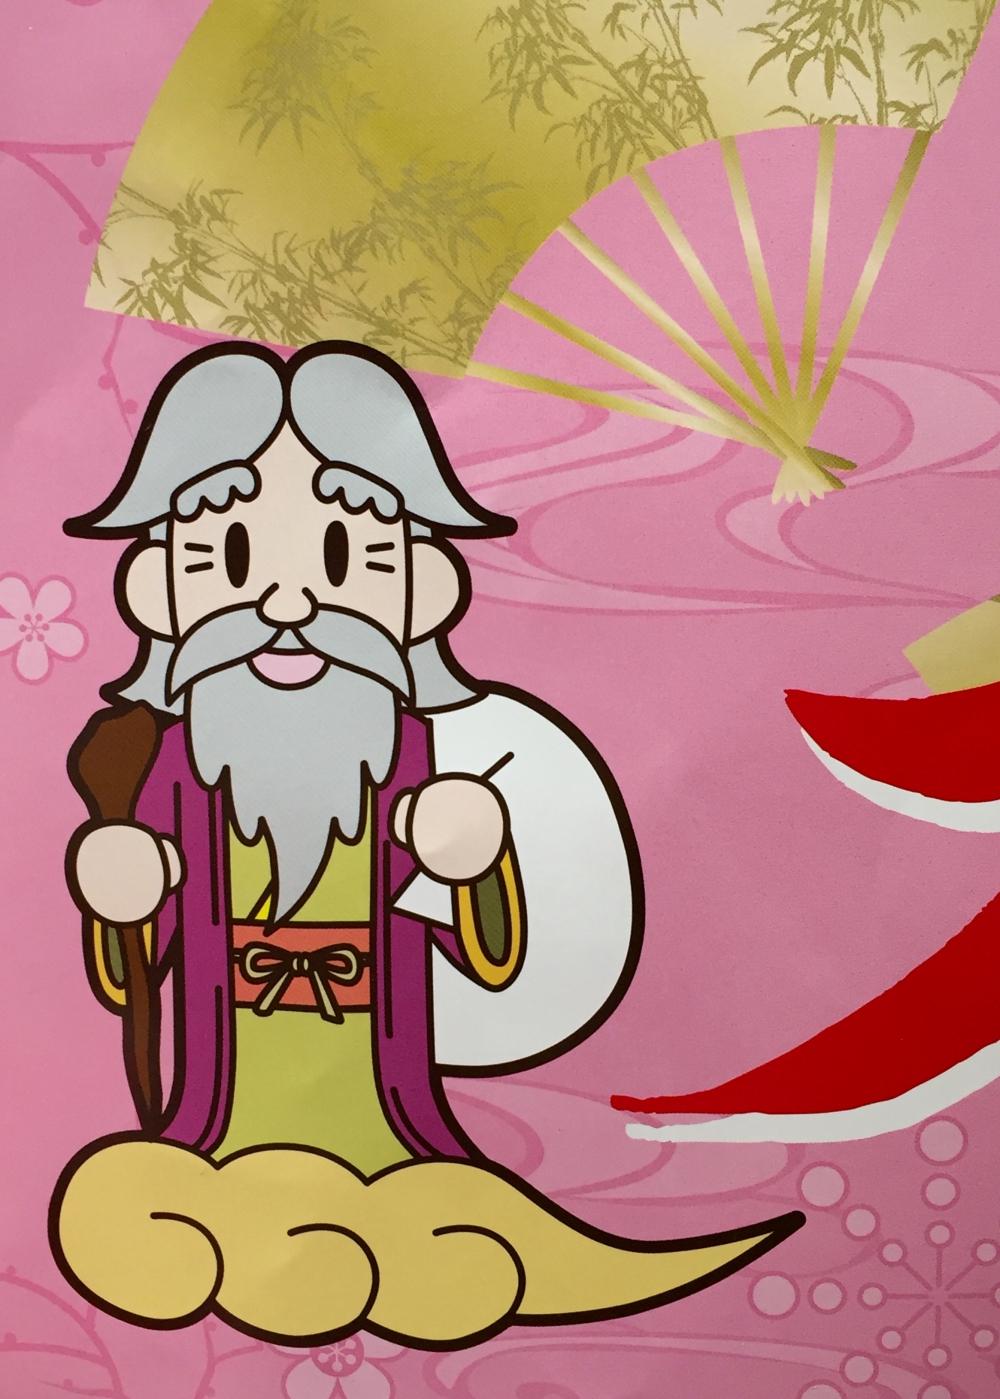 門松とは?意味や由来を簡単に説明!飾る時期としまう時期はいつ?のサムネイル画像